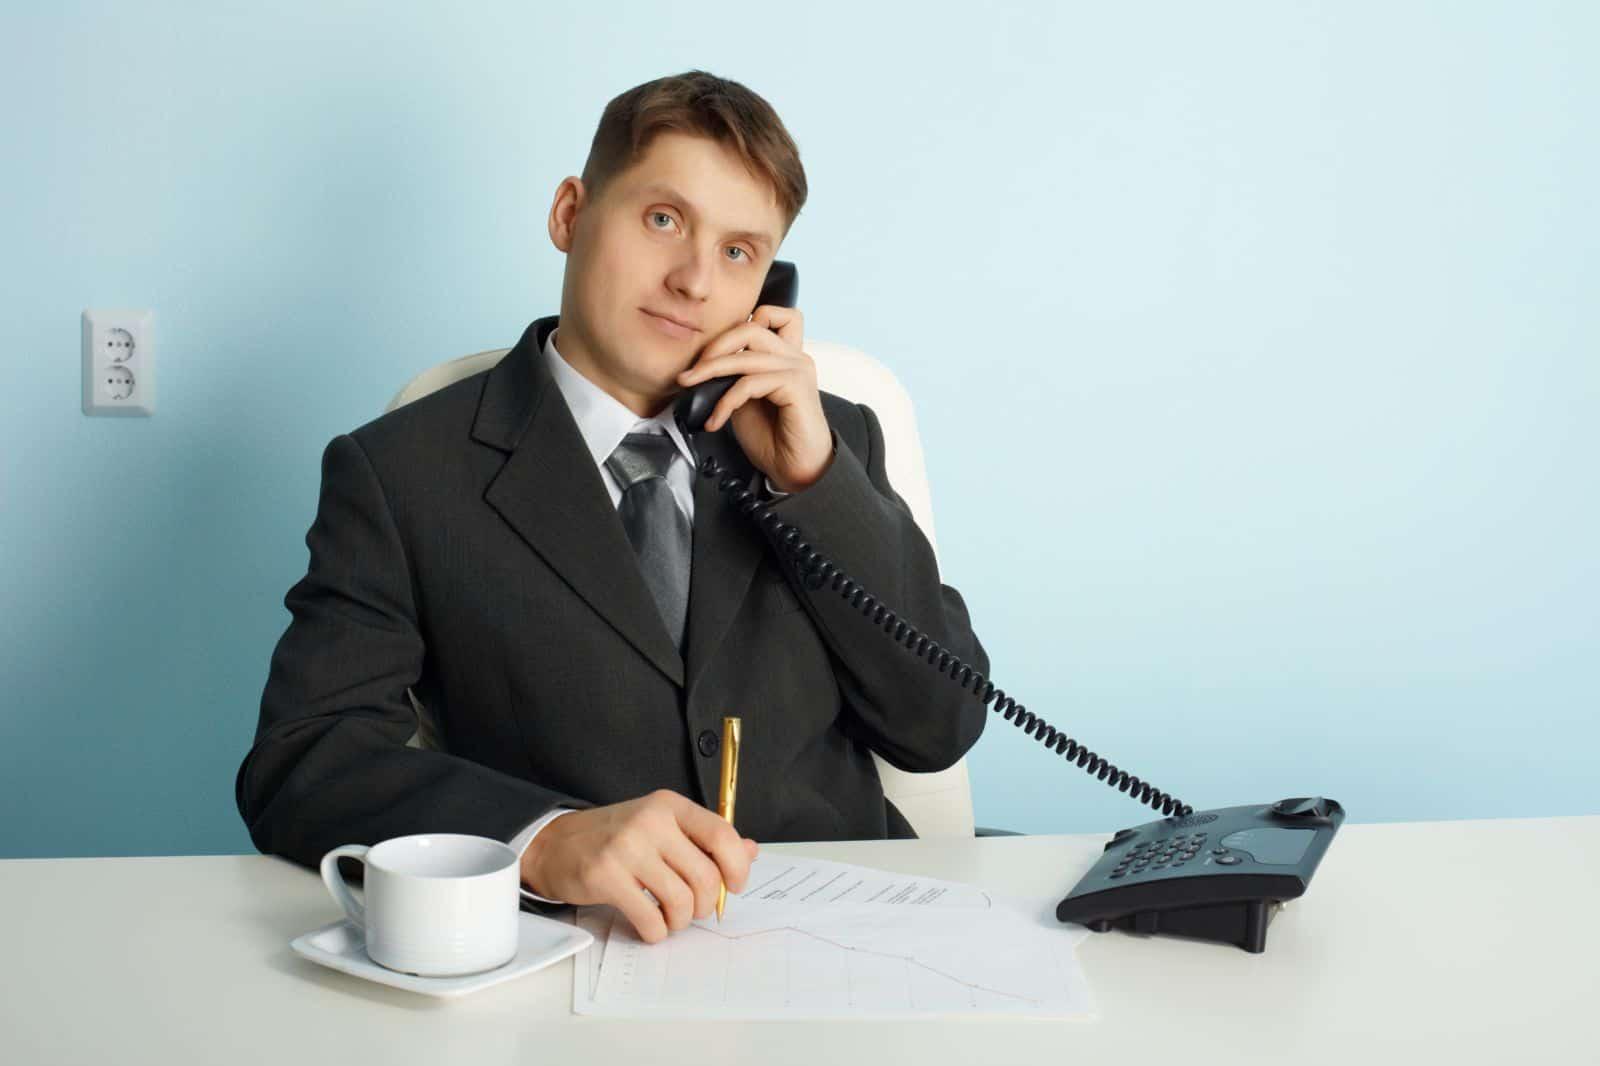 Сколько часов должен отработать работник в праздничный день по графику